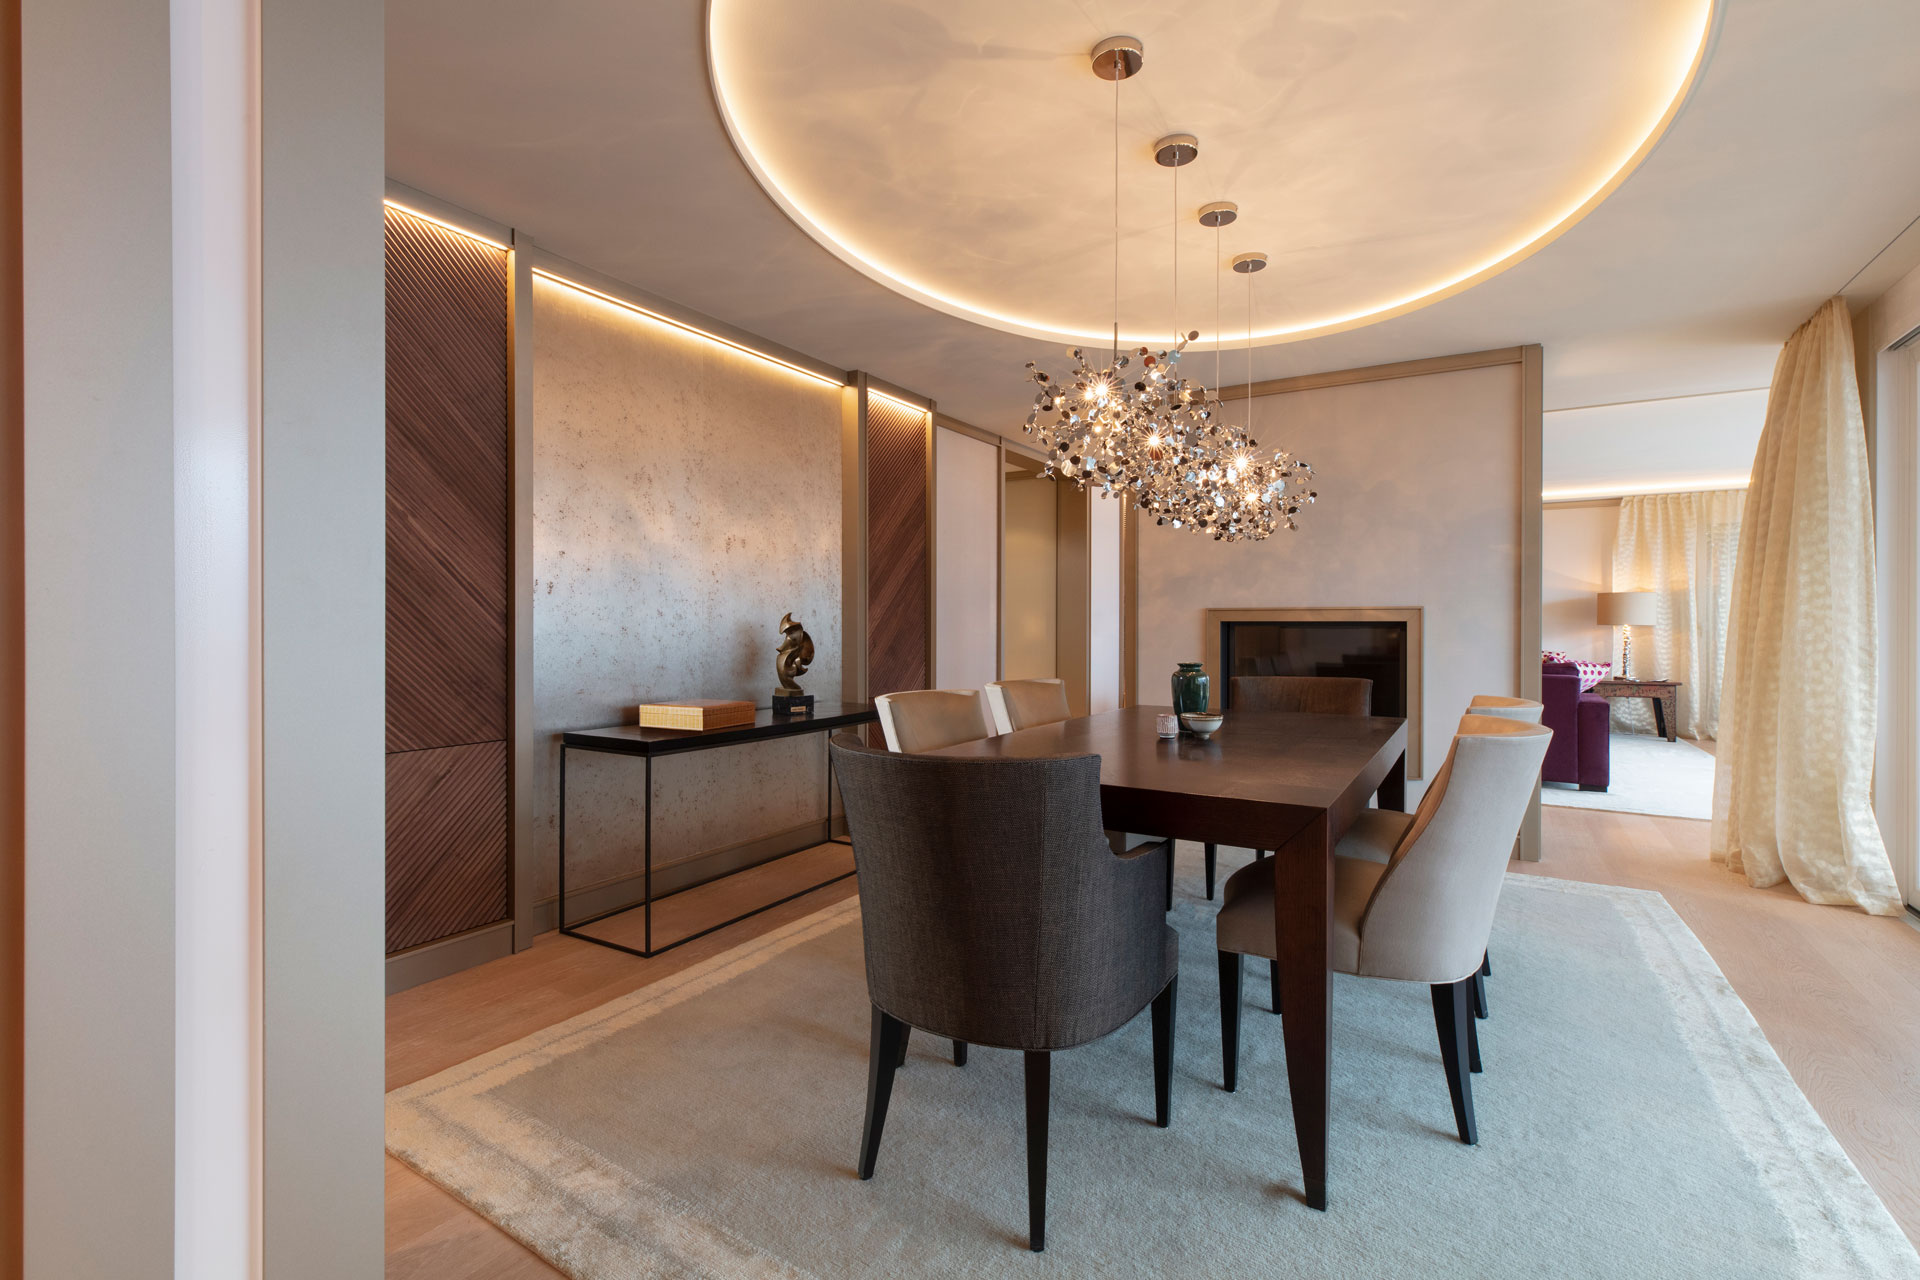 Scheuber Esszimmer Innenarchitektur Beleuchtung Tapete Vorhänge